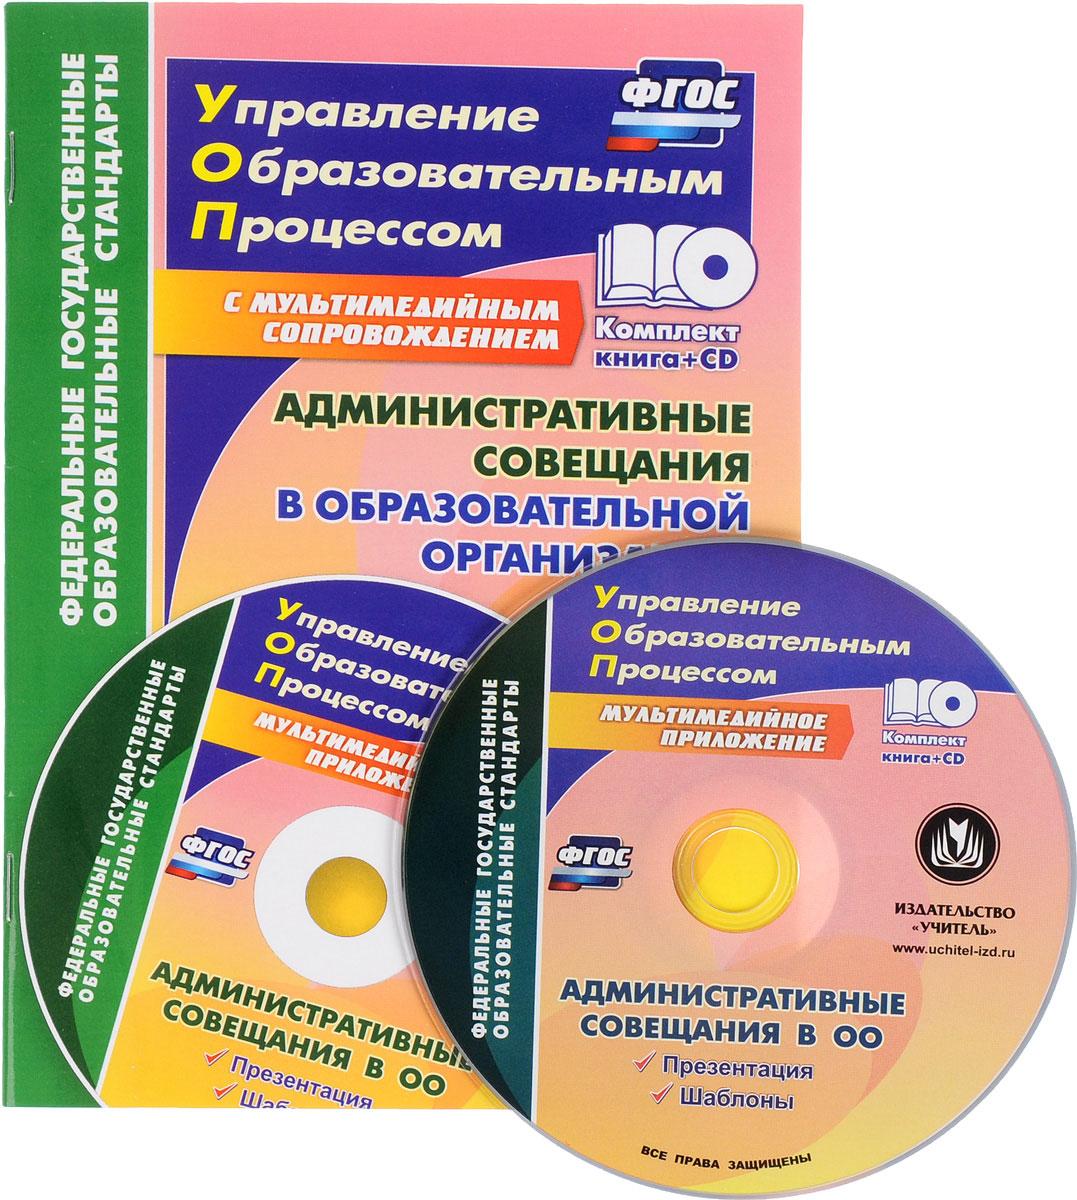 Административные совещания в образовательной организации (+ CD)